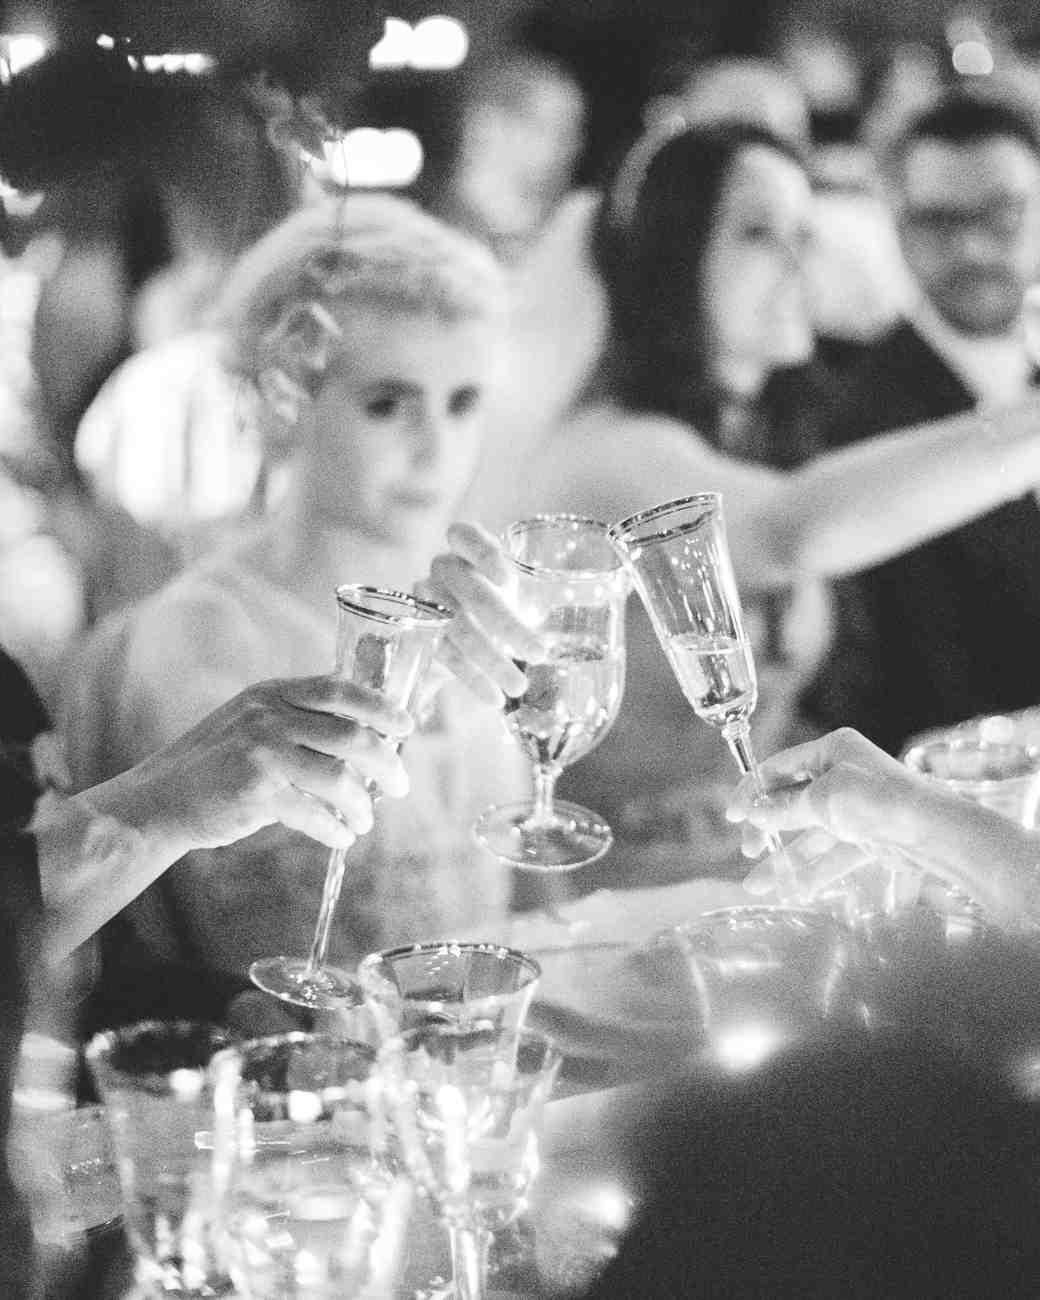 briana-adam-wedding-cheers-1425-s112471-1215.jpg